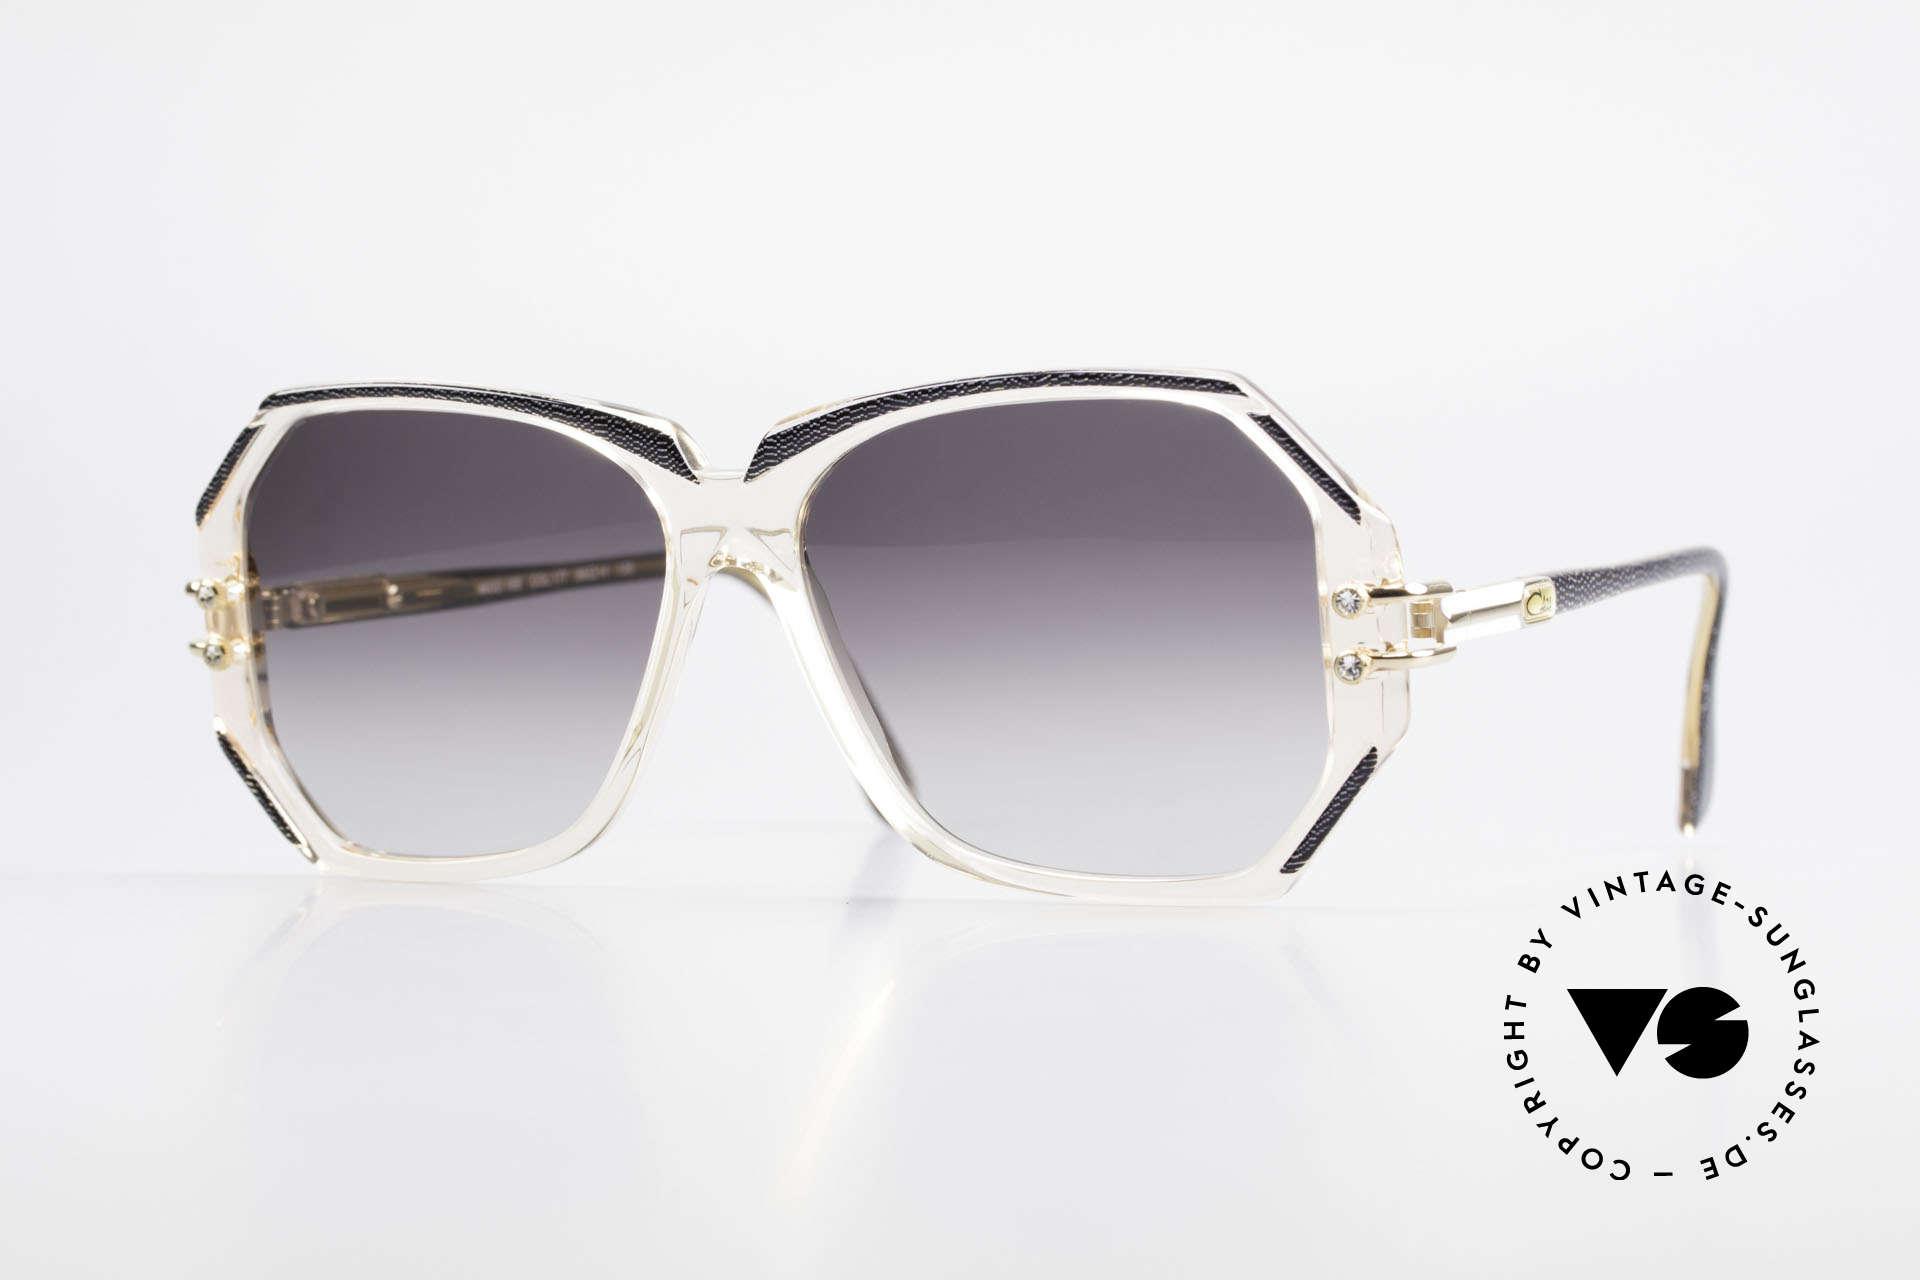 Cazal 169 Vintage Damen Sonnenbrille, extravagante vintage Designer-Sonnenbrille von Cazal, Passend für Damen